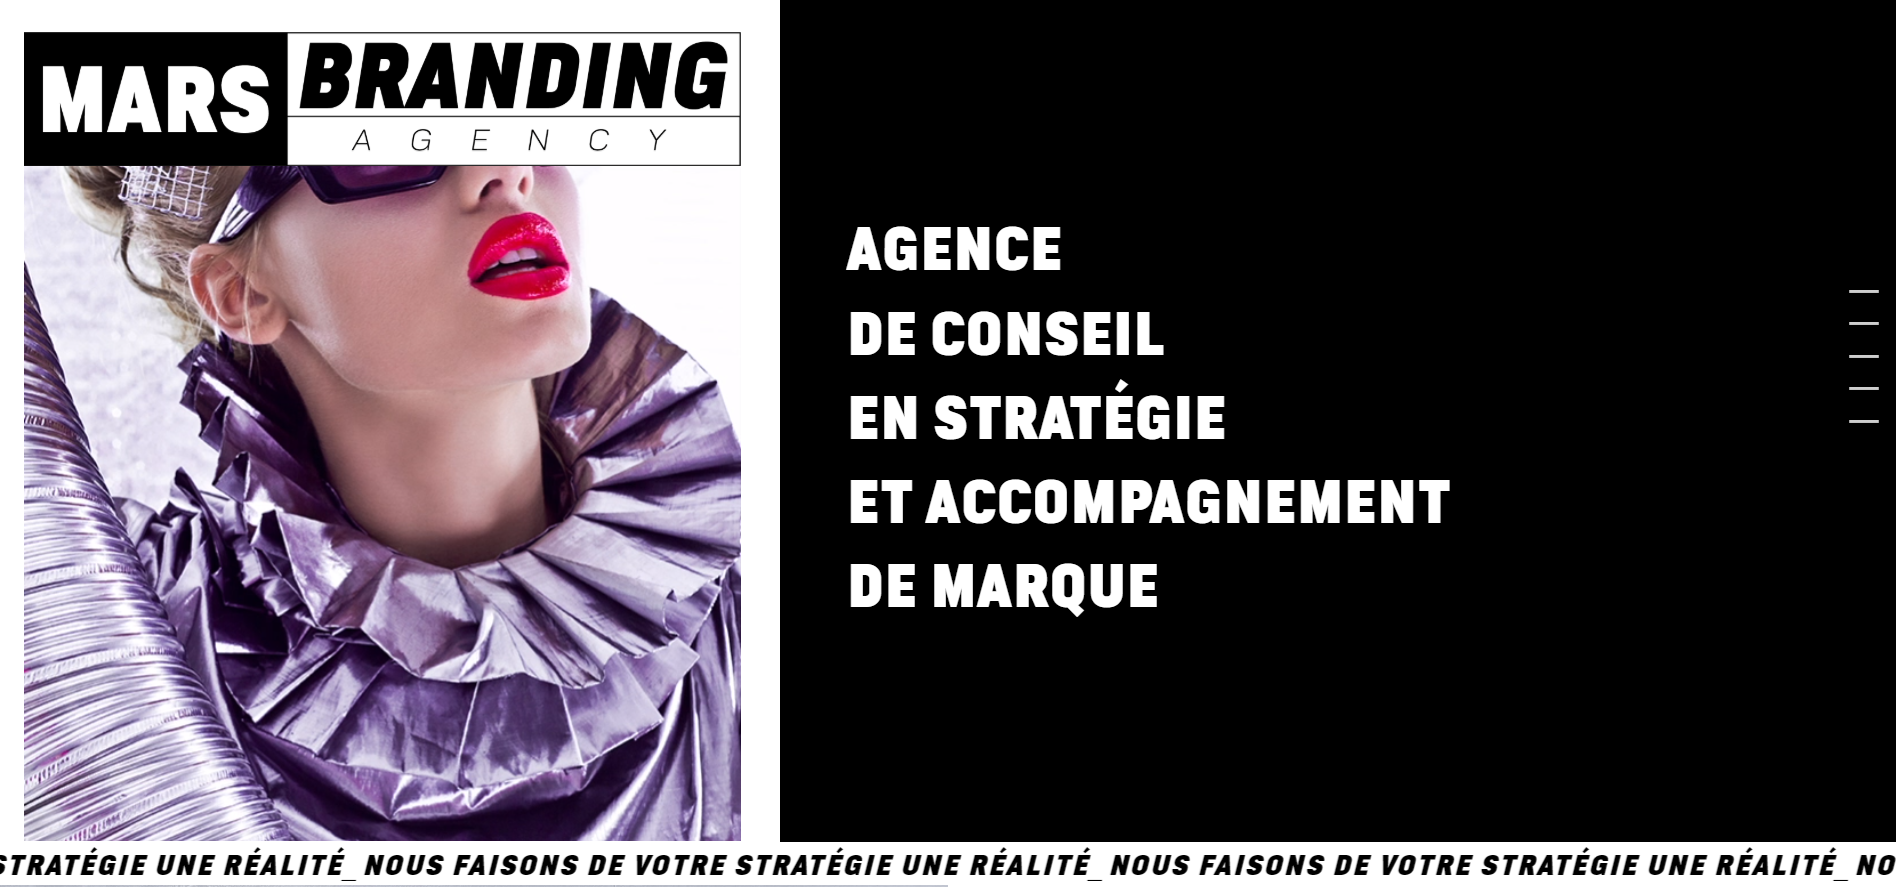 Marsbranding.com